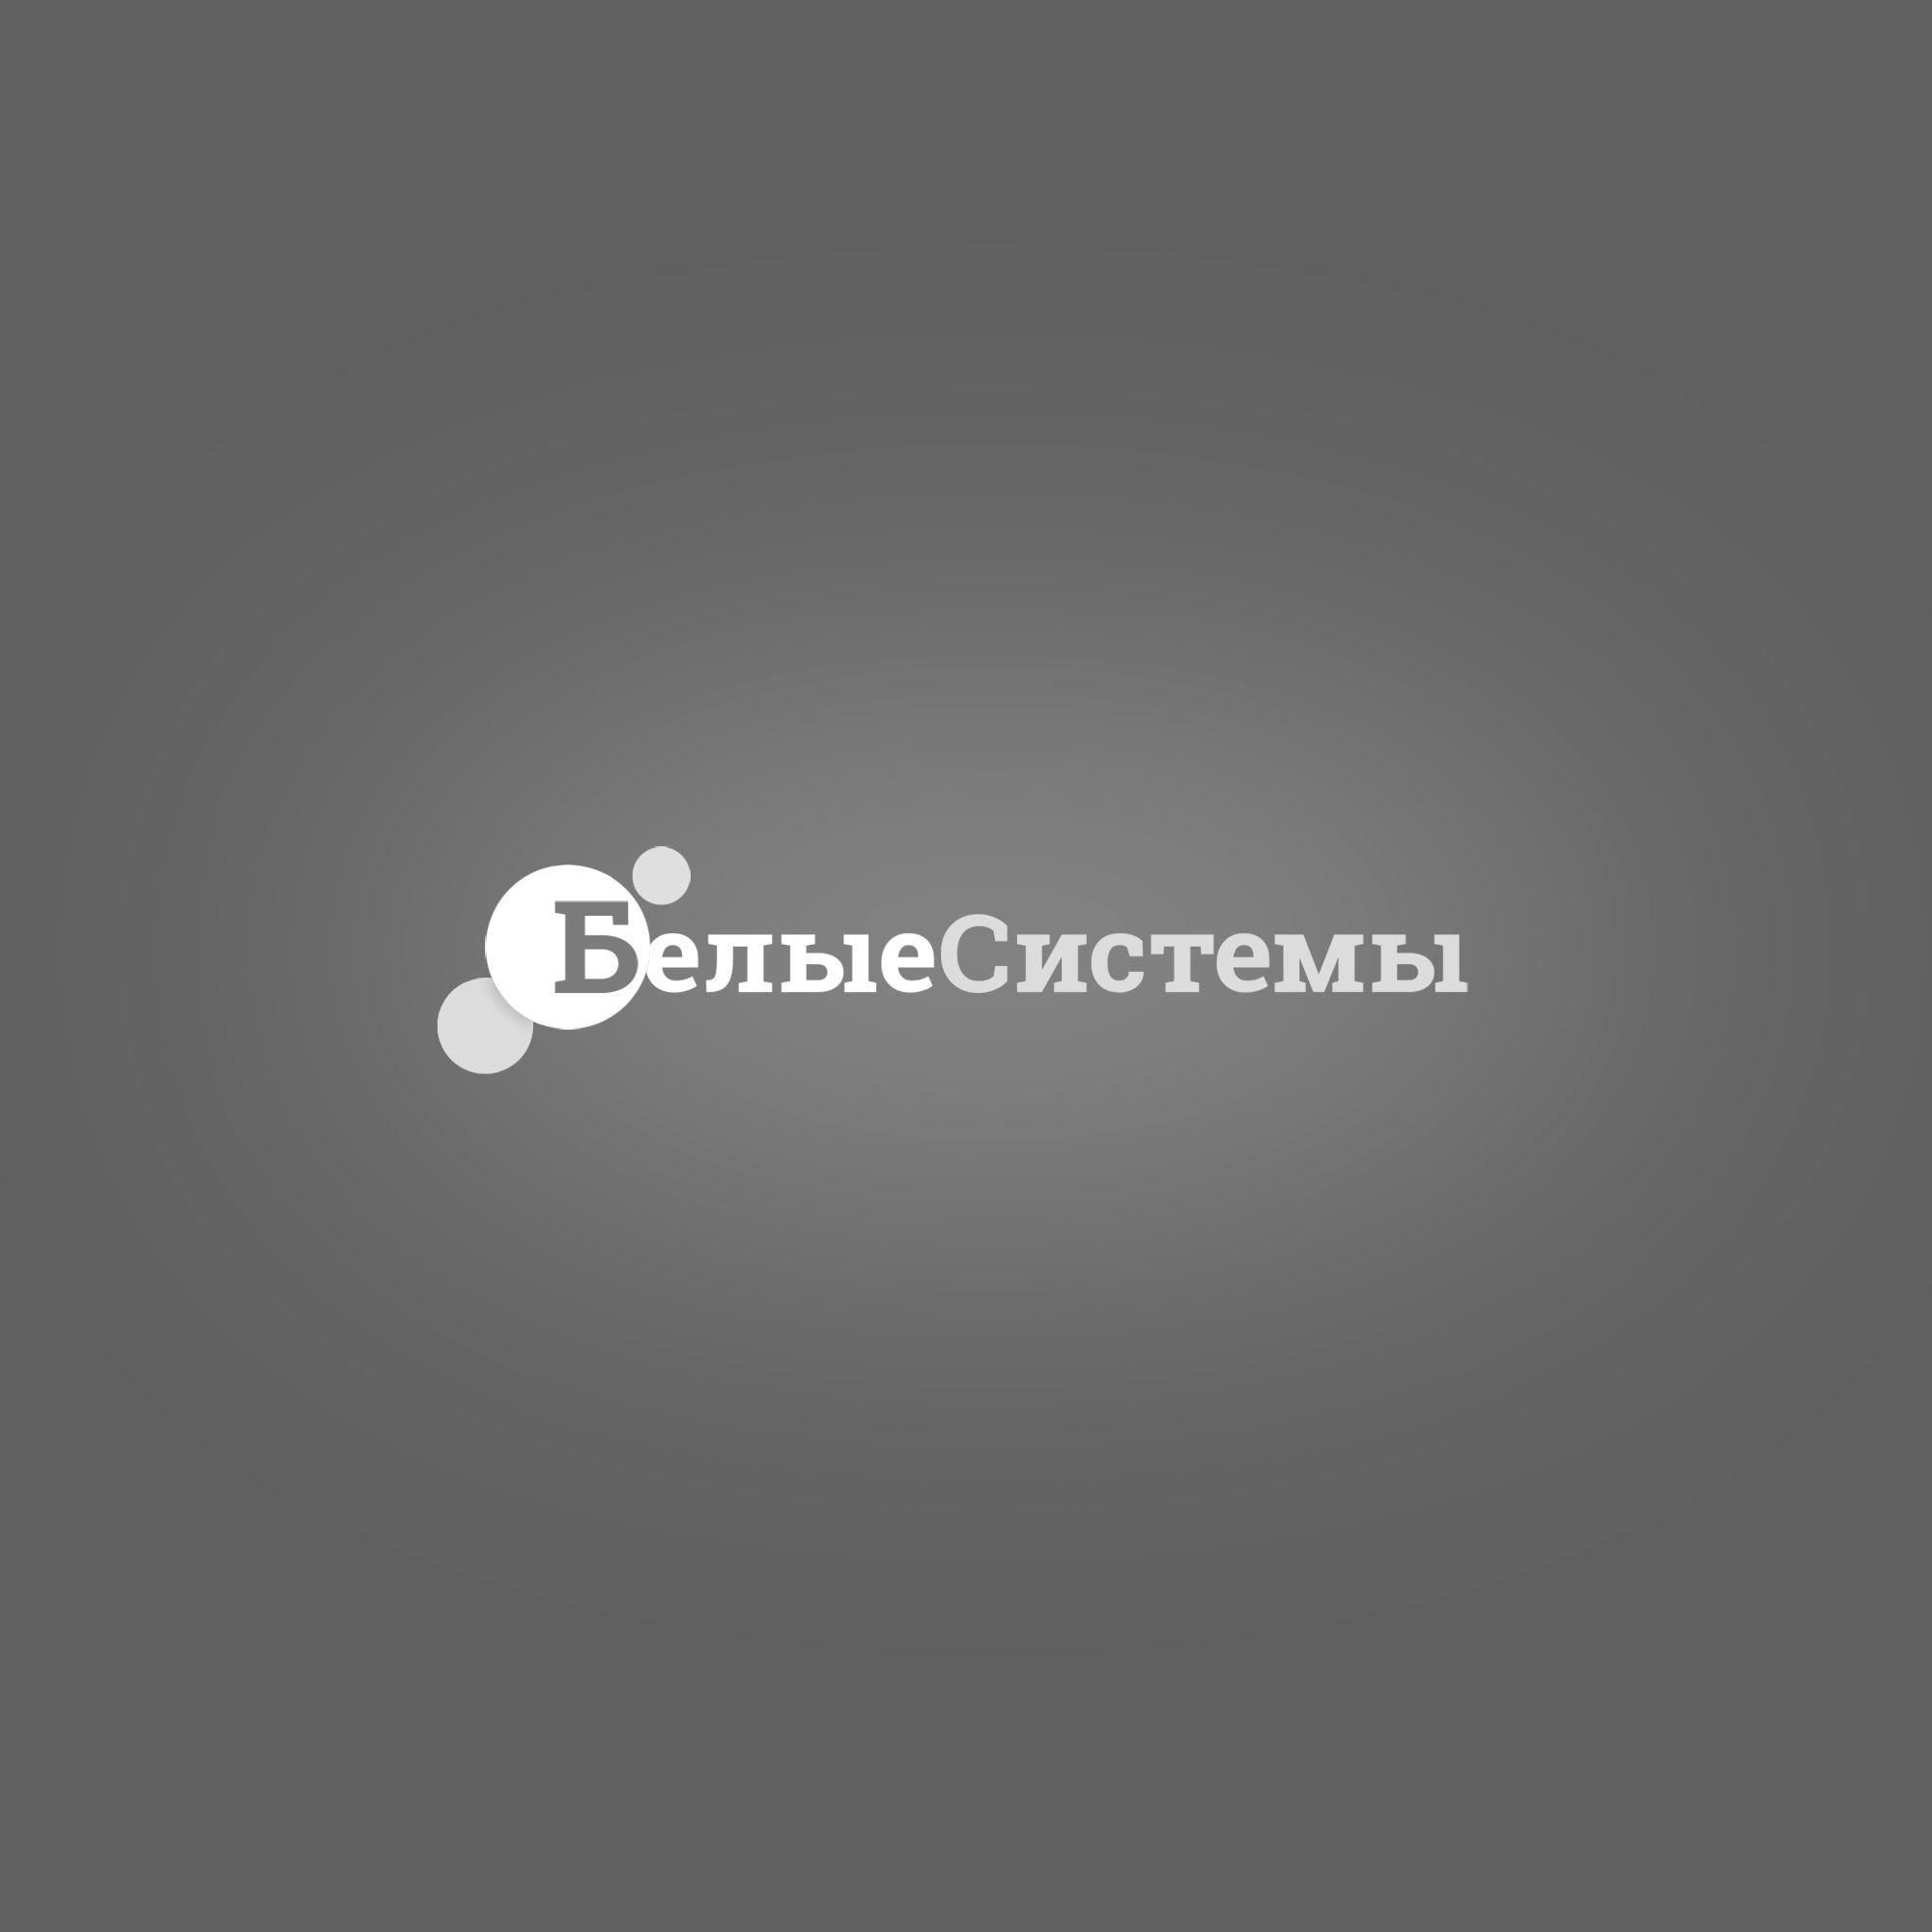 Логотип для SEO компании - дизайнер shephardadv